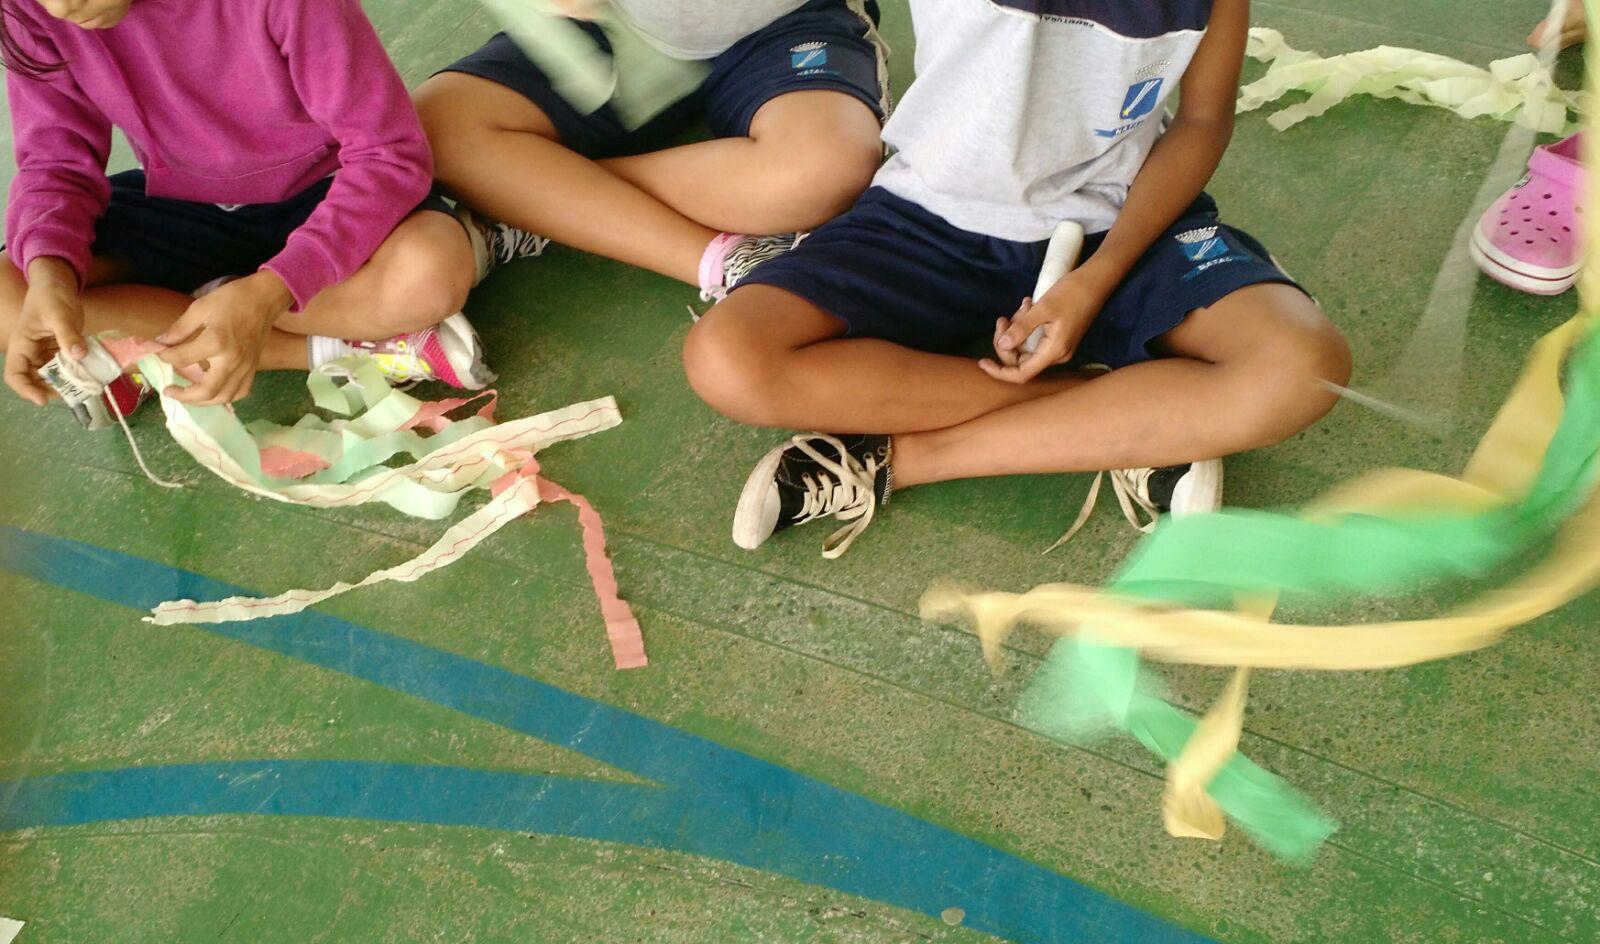 Três estudantes estão sentados no chão de uma quadra. Eles brincam com grandes fitas de papel crepom.